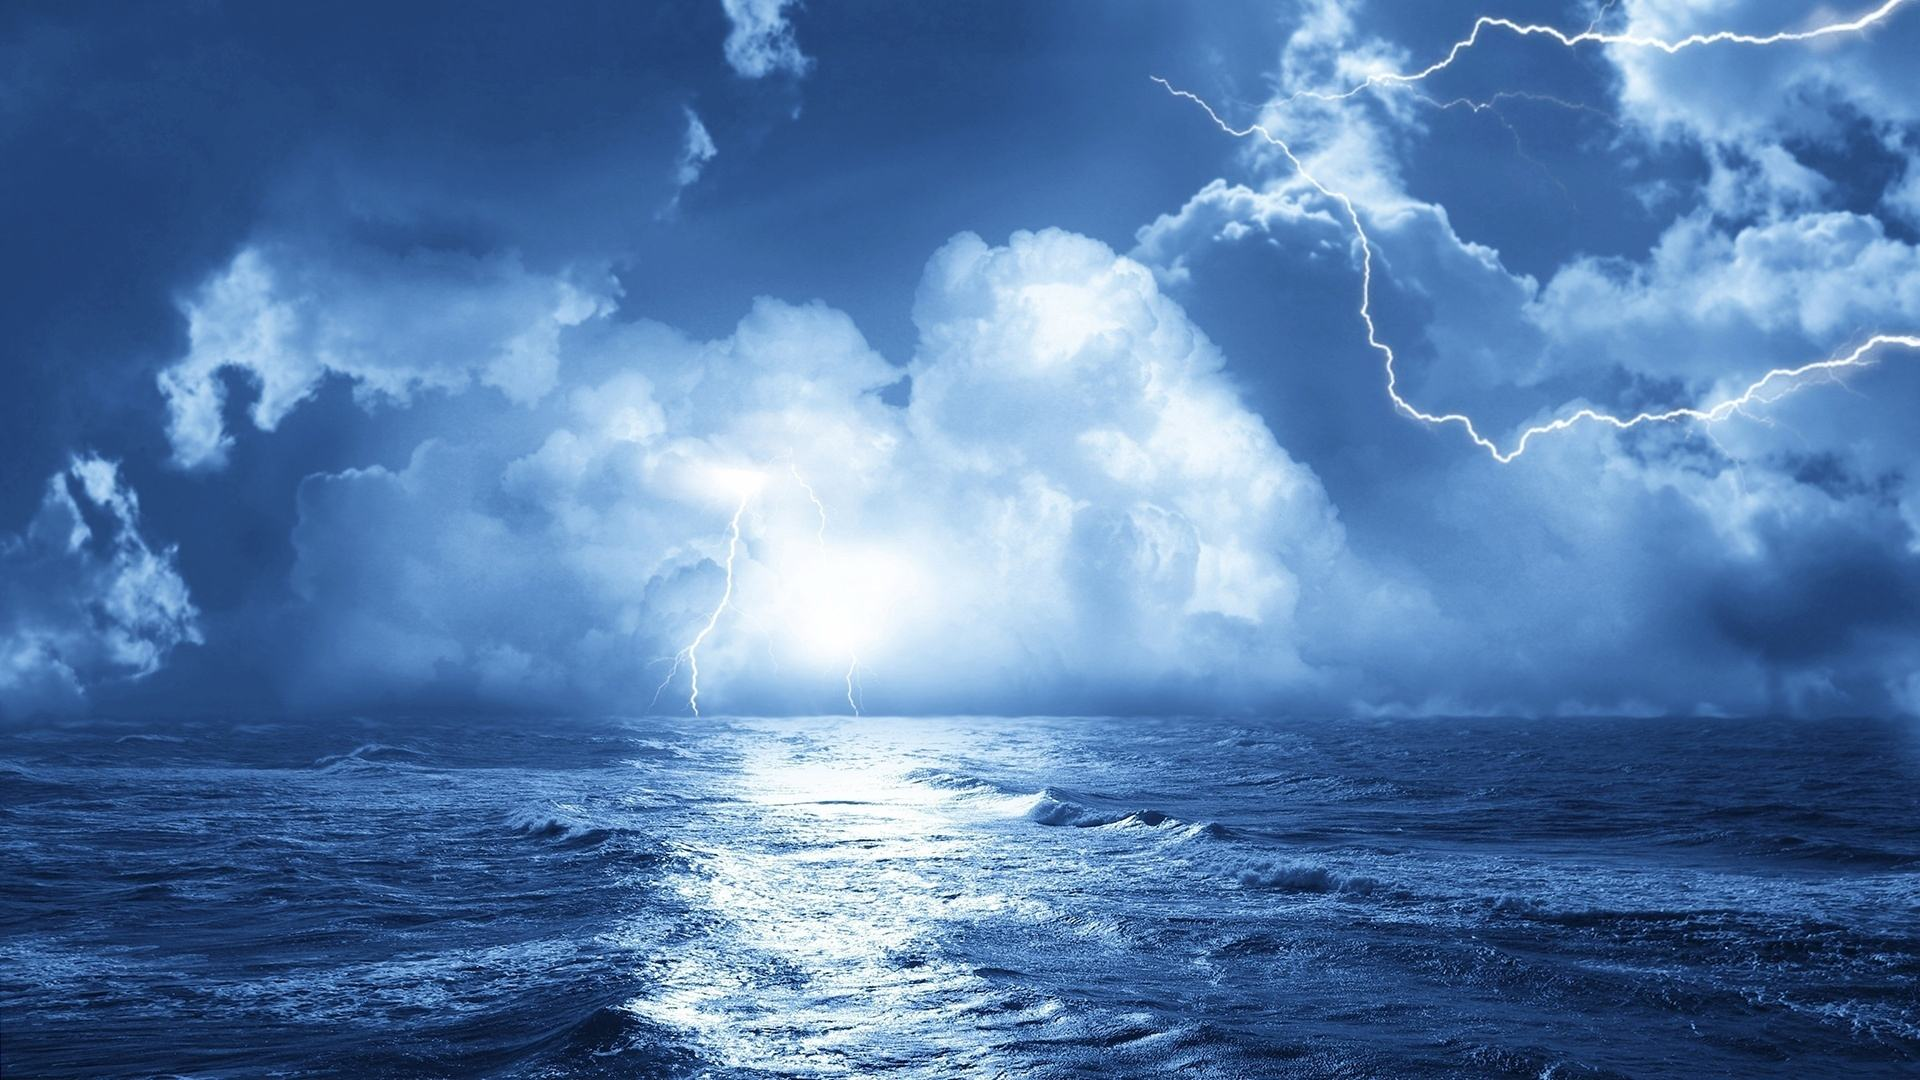 шторм обои на рабочий стол широкоформатные